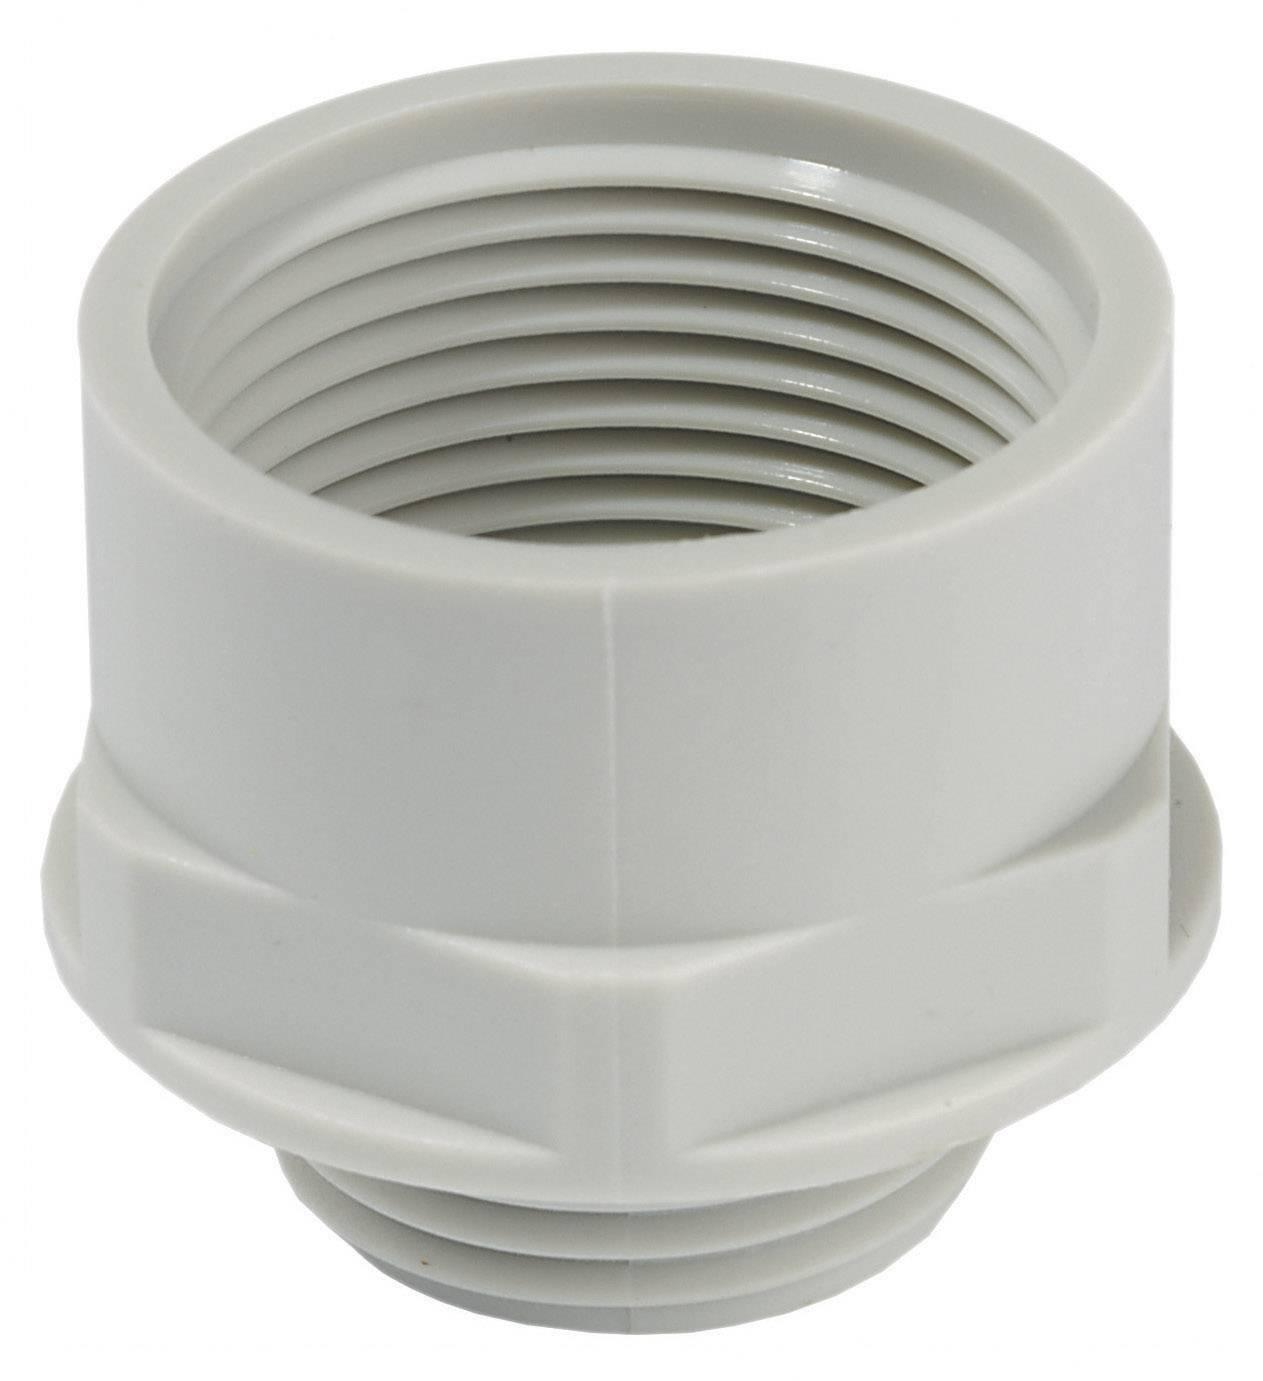 Adaptér kabelový spojky Wiska KEM 40/50 (10063575), M40, světle šedá